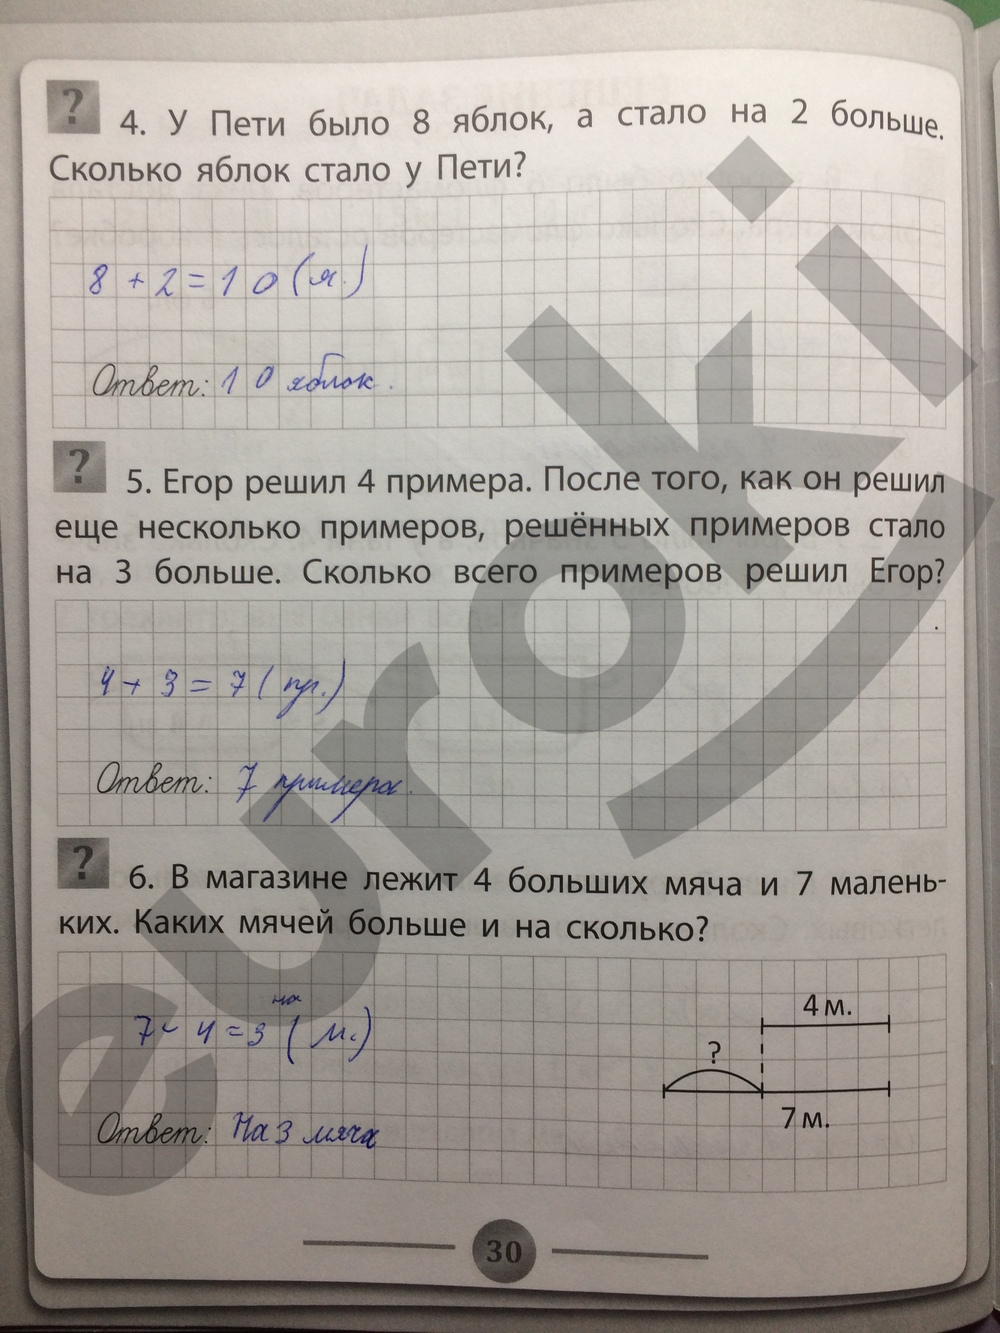 ГДЗ по математике 1 класс тетрадь тренажёр Губка. Задание: стр. 30